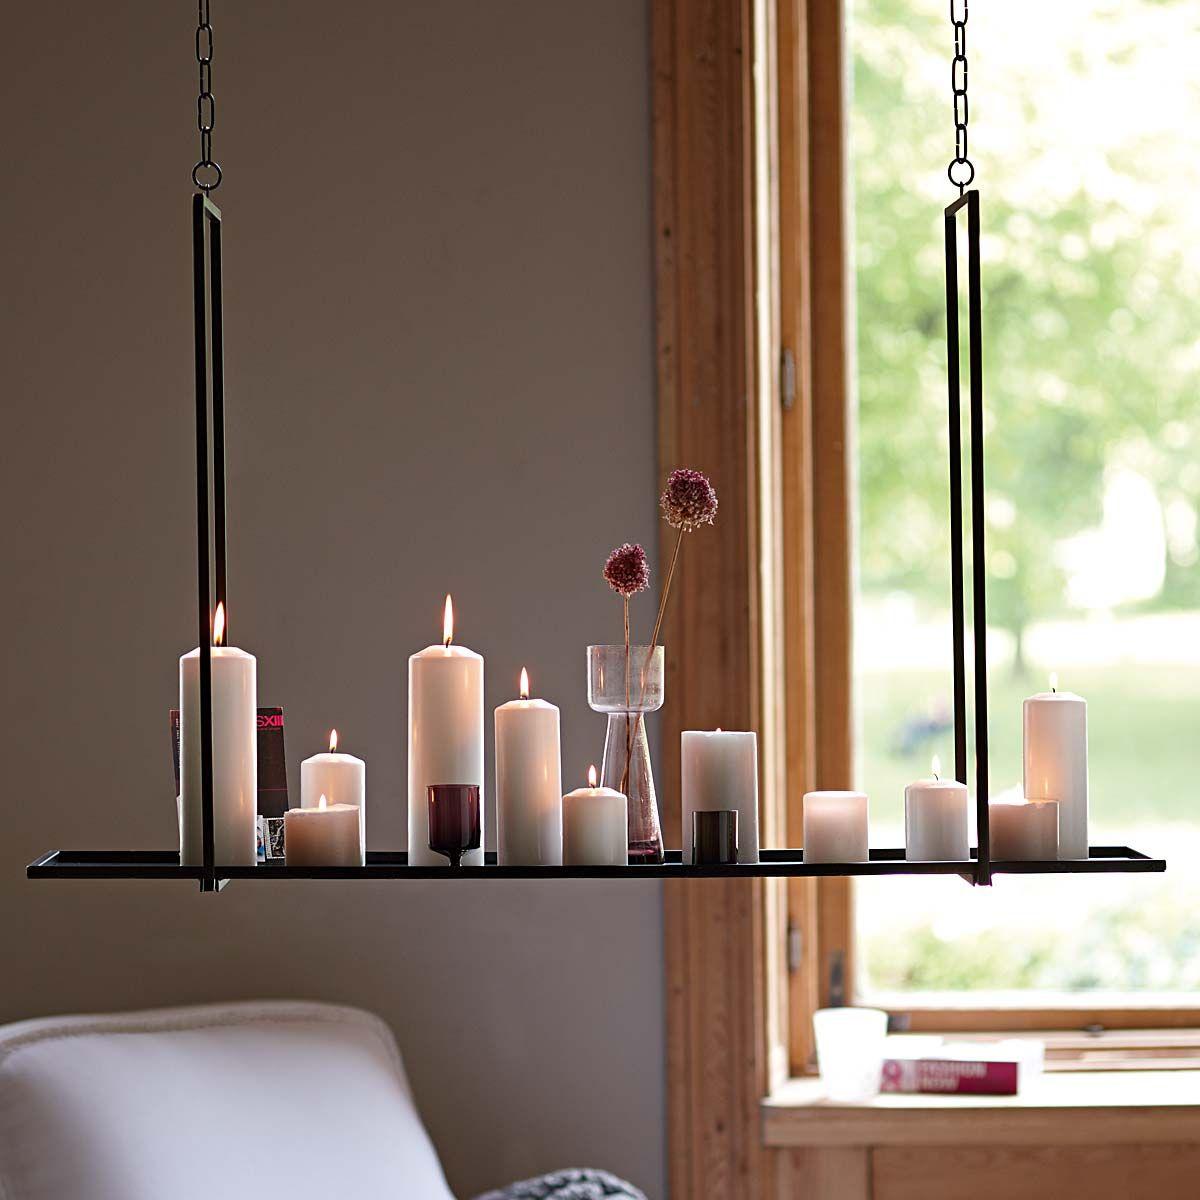 h ngende kerzen hanging candles impressionen moebel licht for the home pinterest. Black Bedroom Furniture Sets. Home Design Ideas